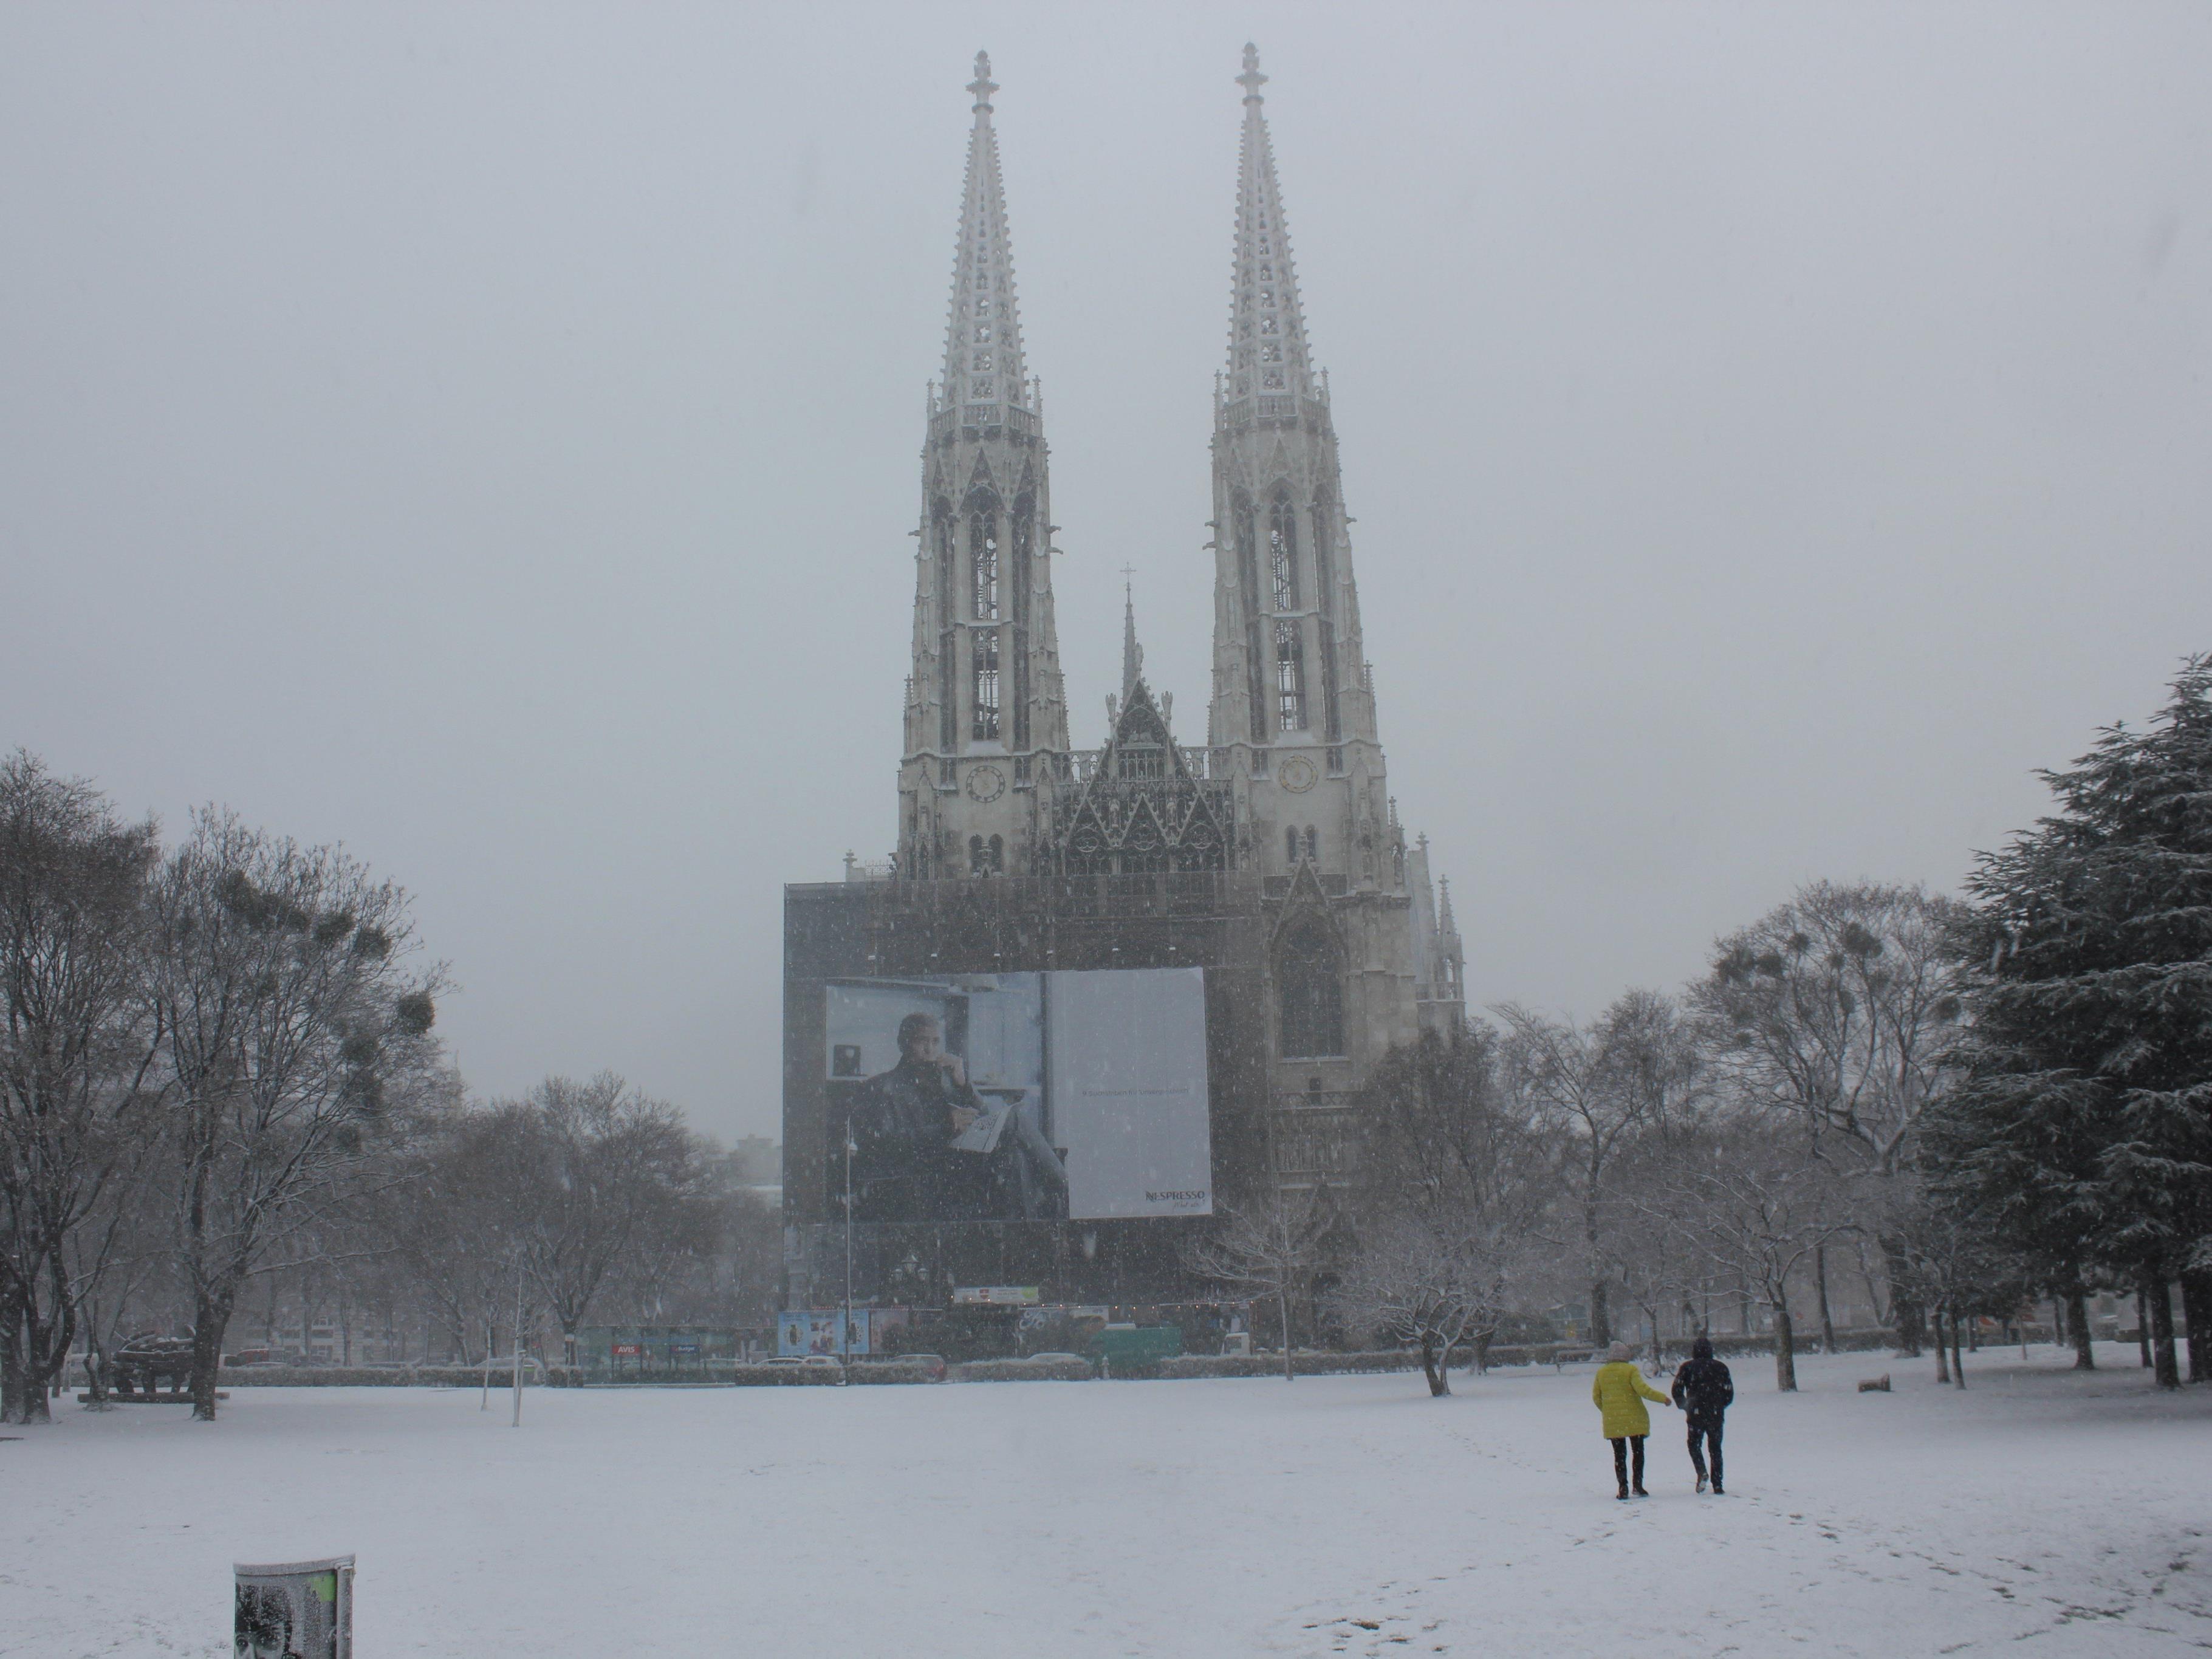 So verschneit war es am Dienstag in Wien - wie es wohl am Samstag aussieht?